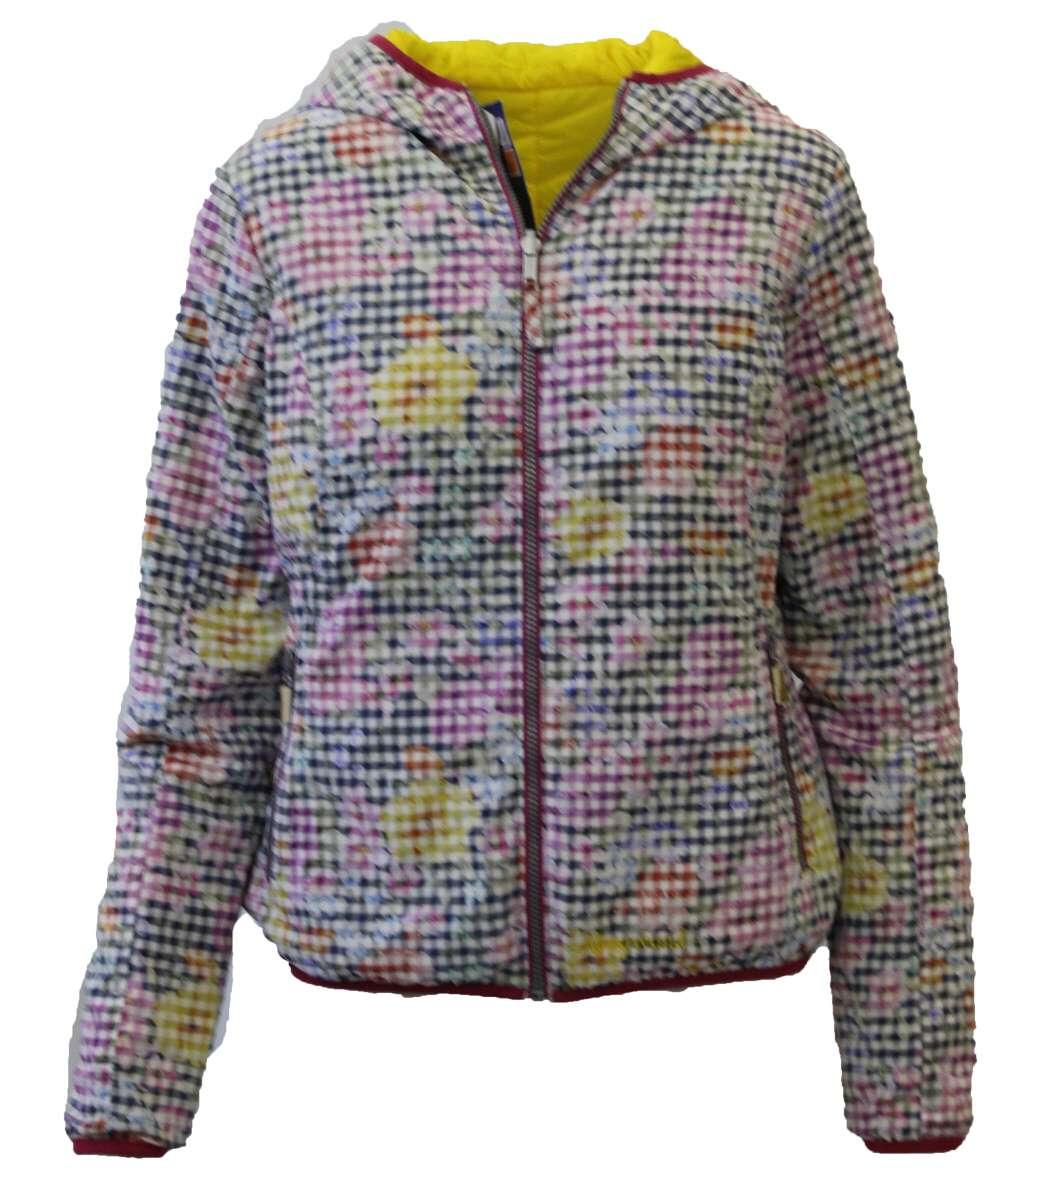 hochwertige Materialien niedrigerer Preis mit 2019 authentisch Almgwand Weisshorn Damen Jacke Funktionsjacke